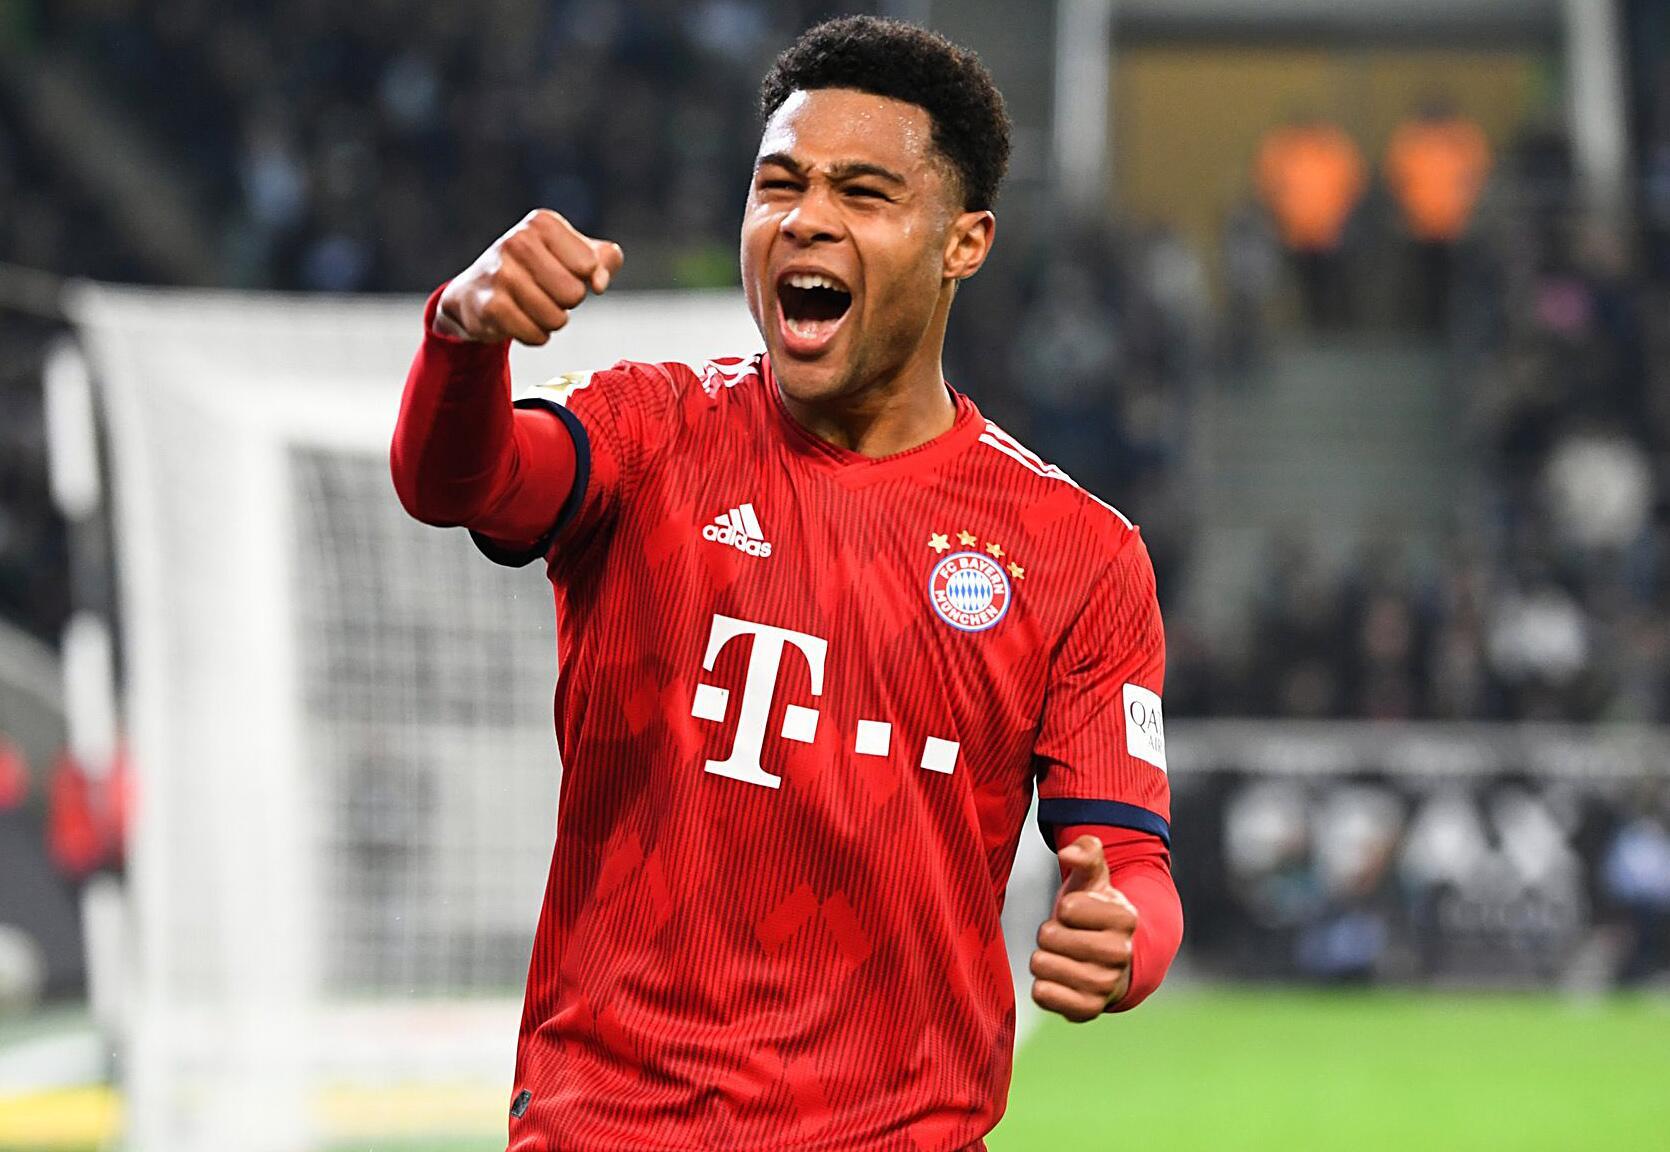 Fc Bayern Verlangert Vertrag Von Nationalspieler Gnabry Bis 2023